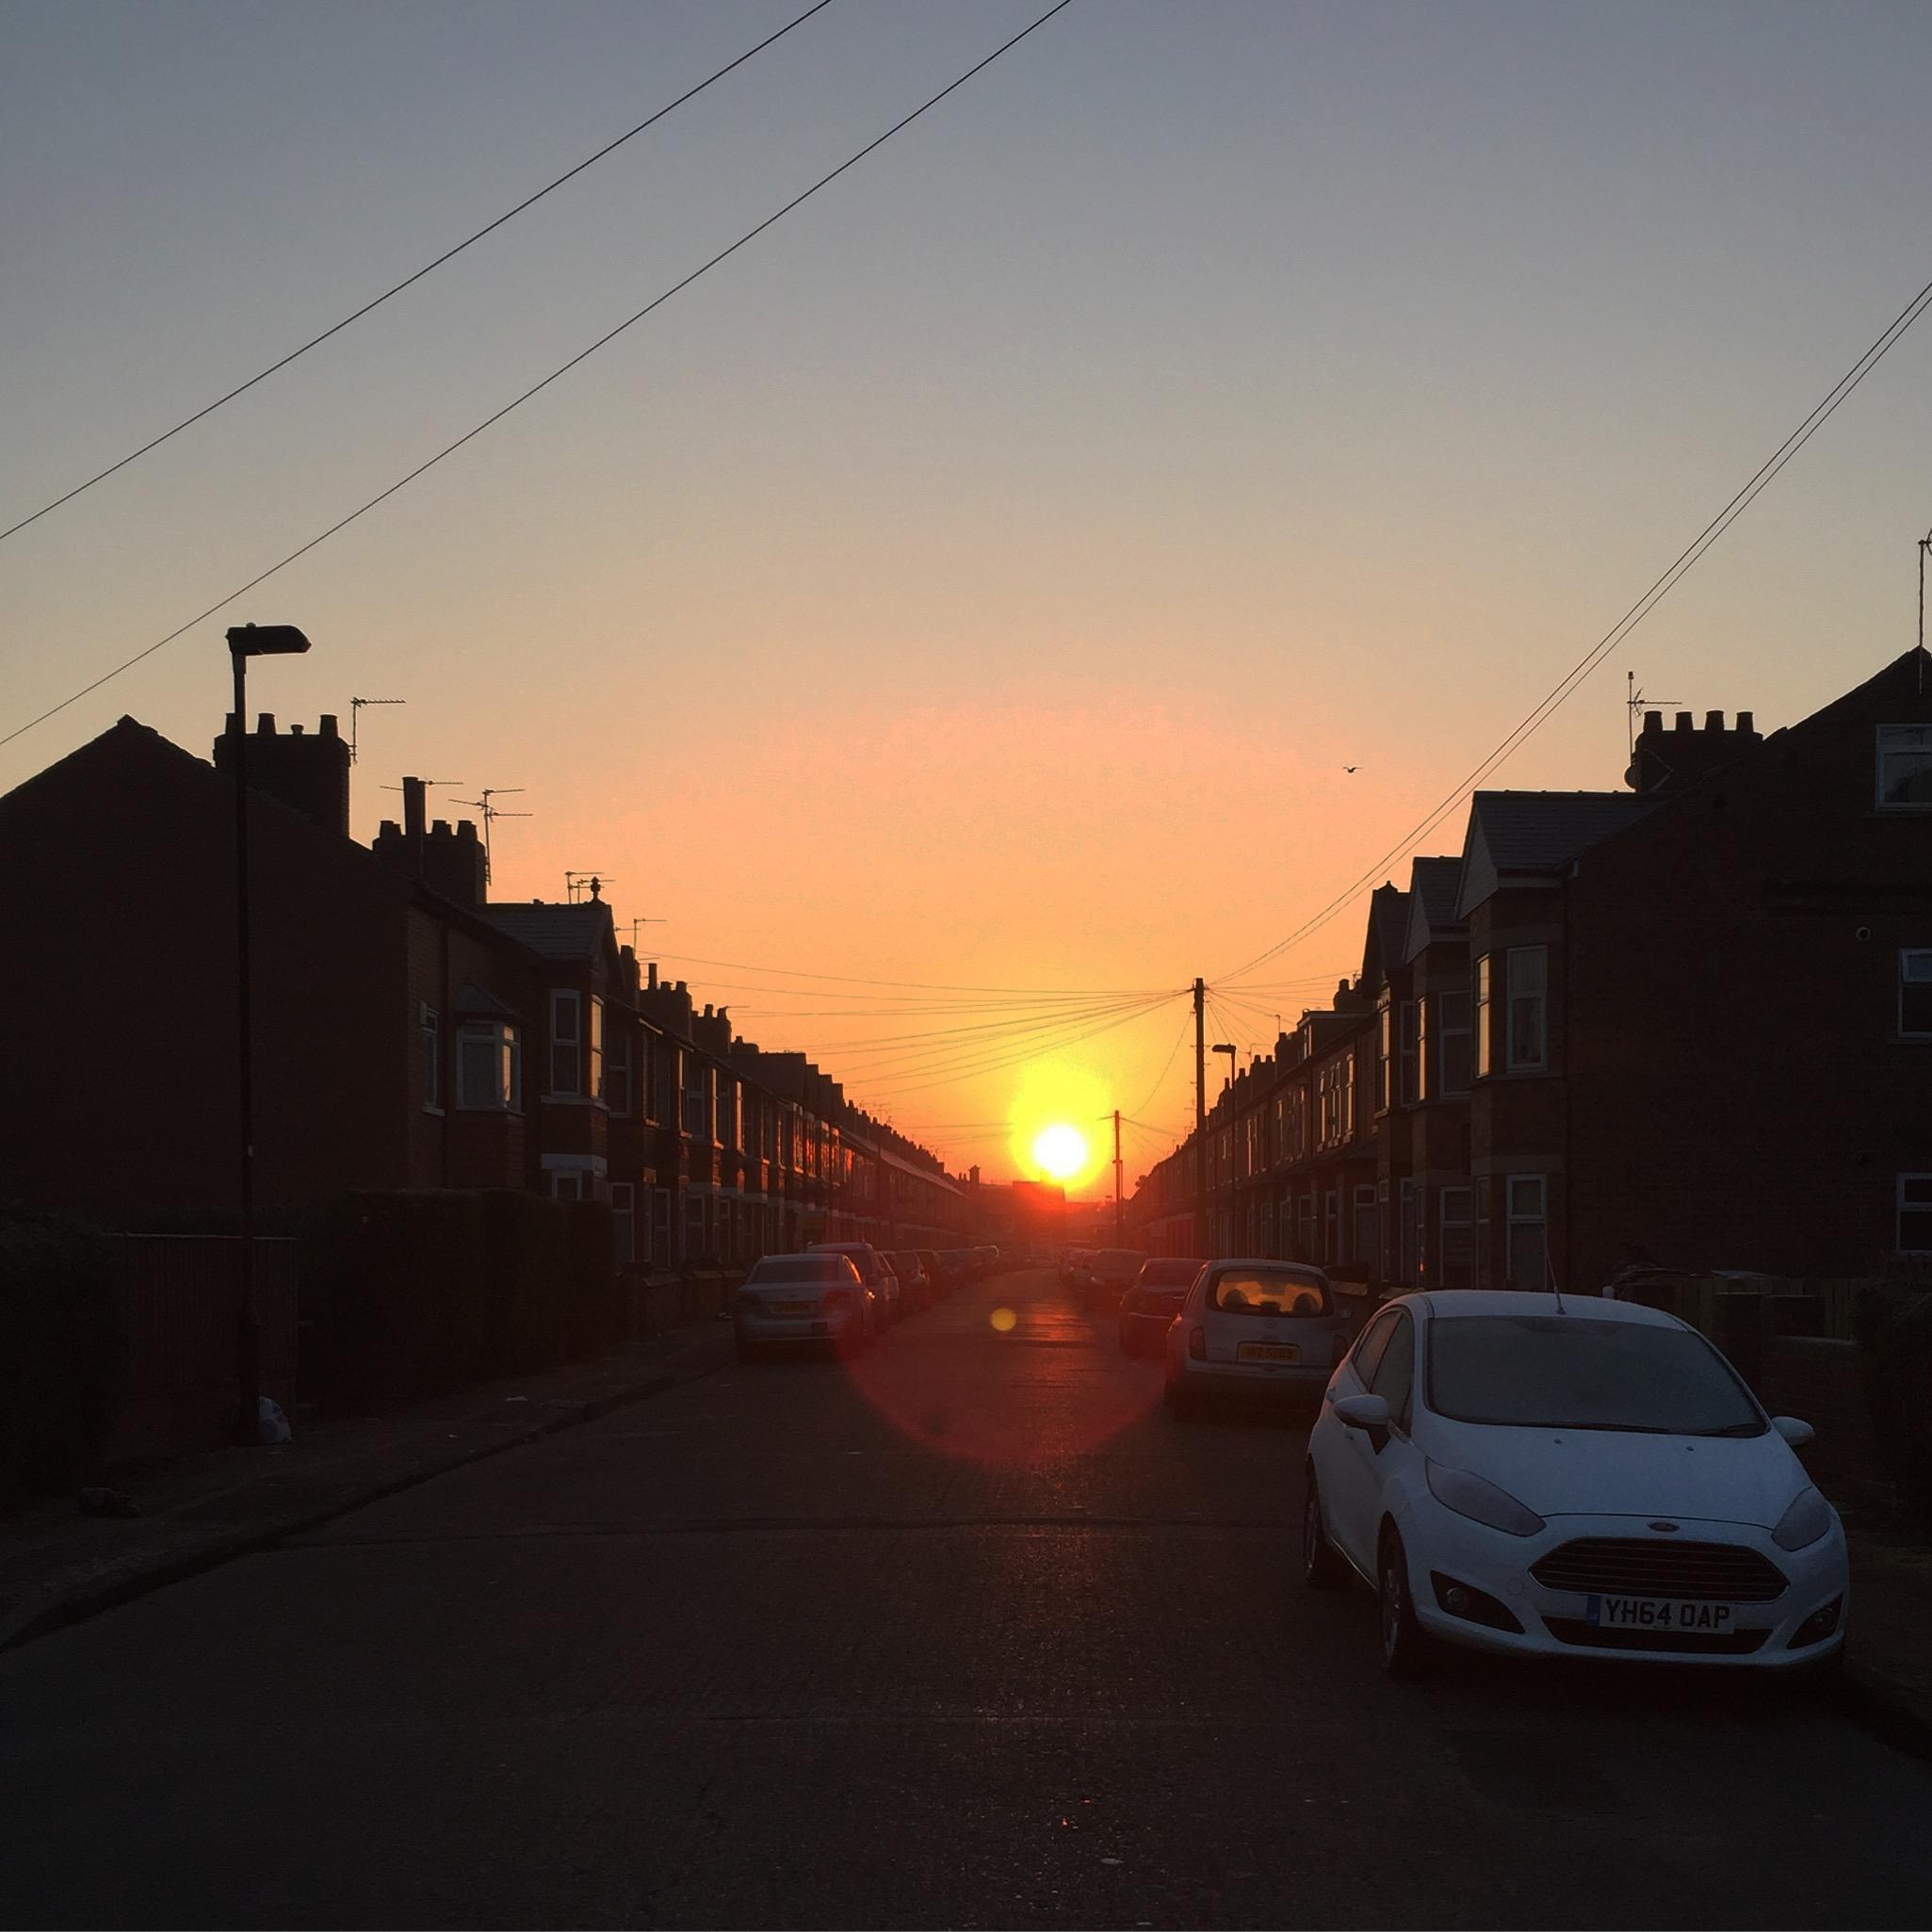 Sunrise in York